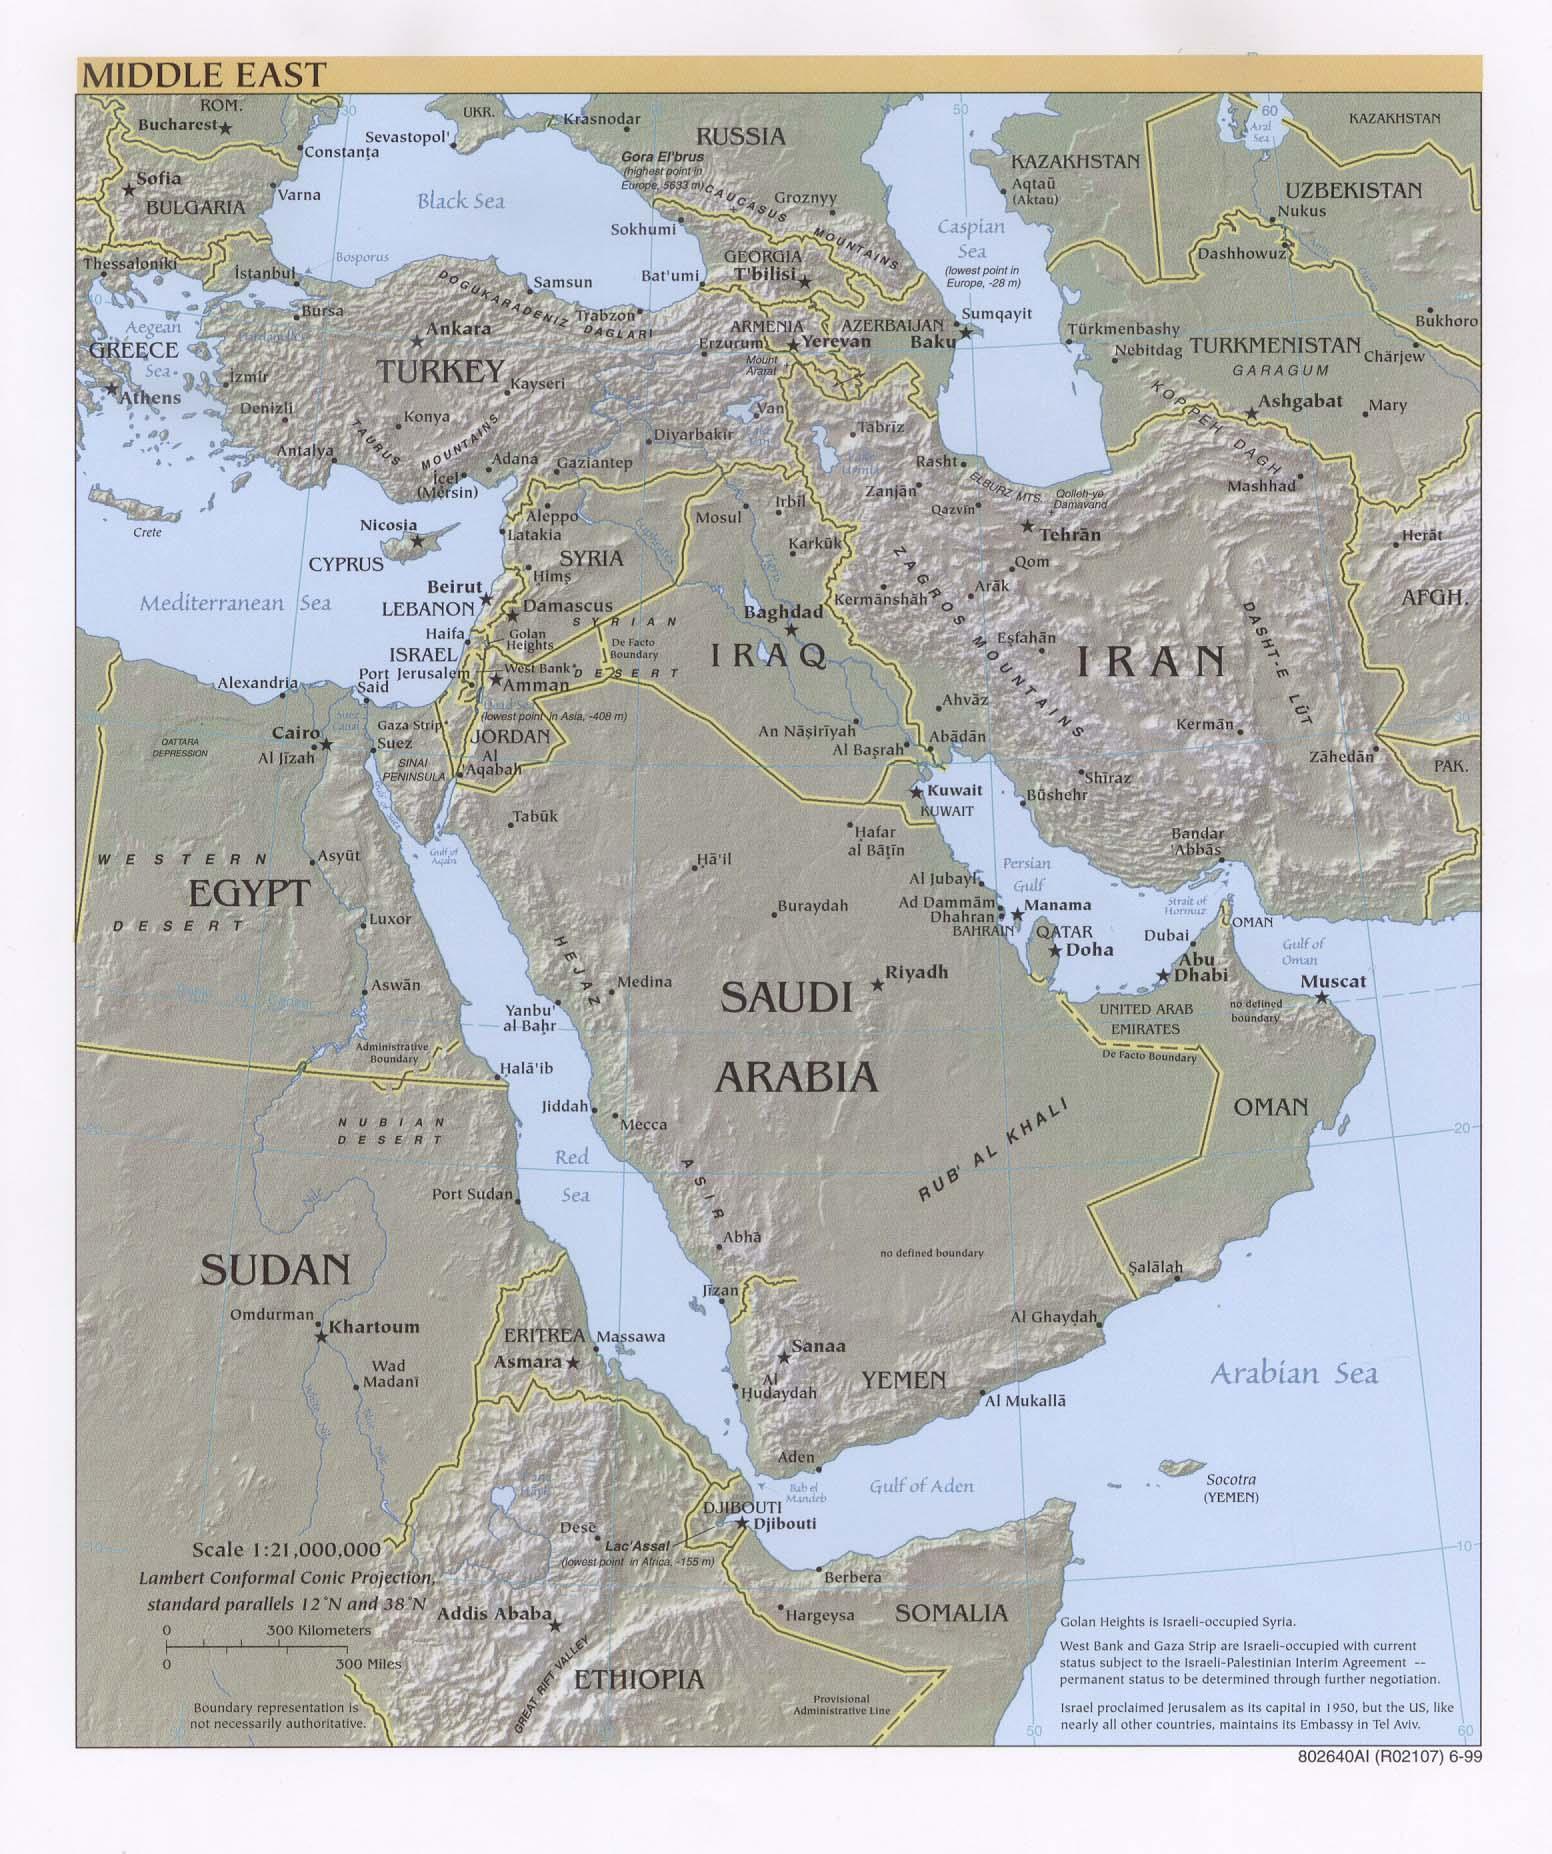 Mapa Físico del Oriente Medio 1999